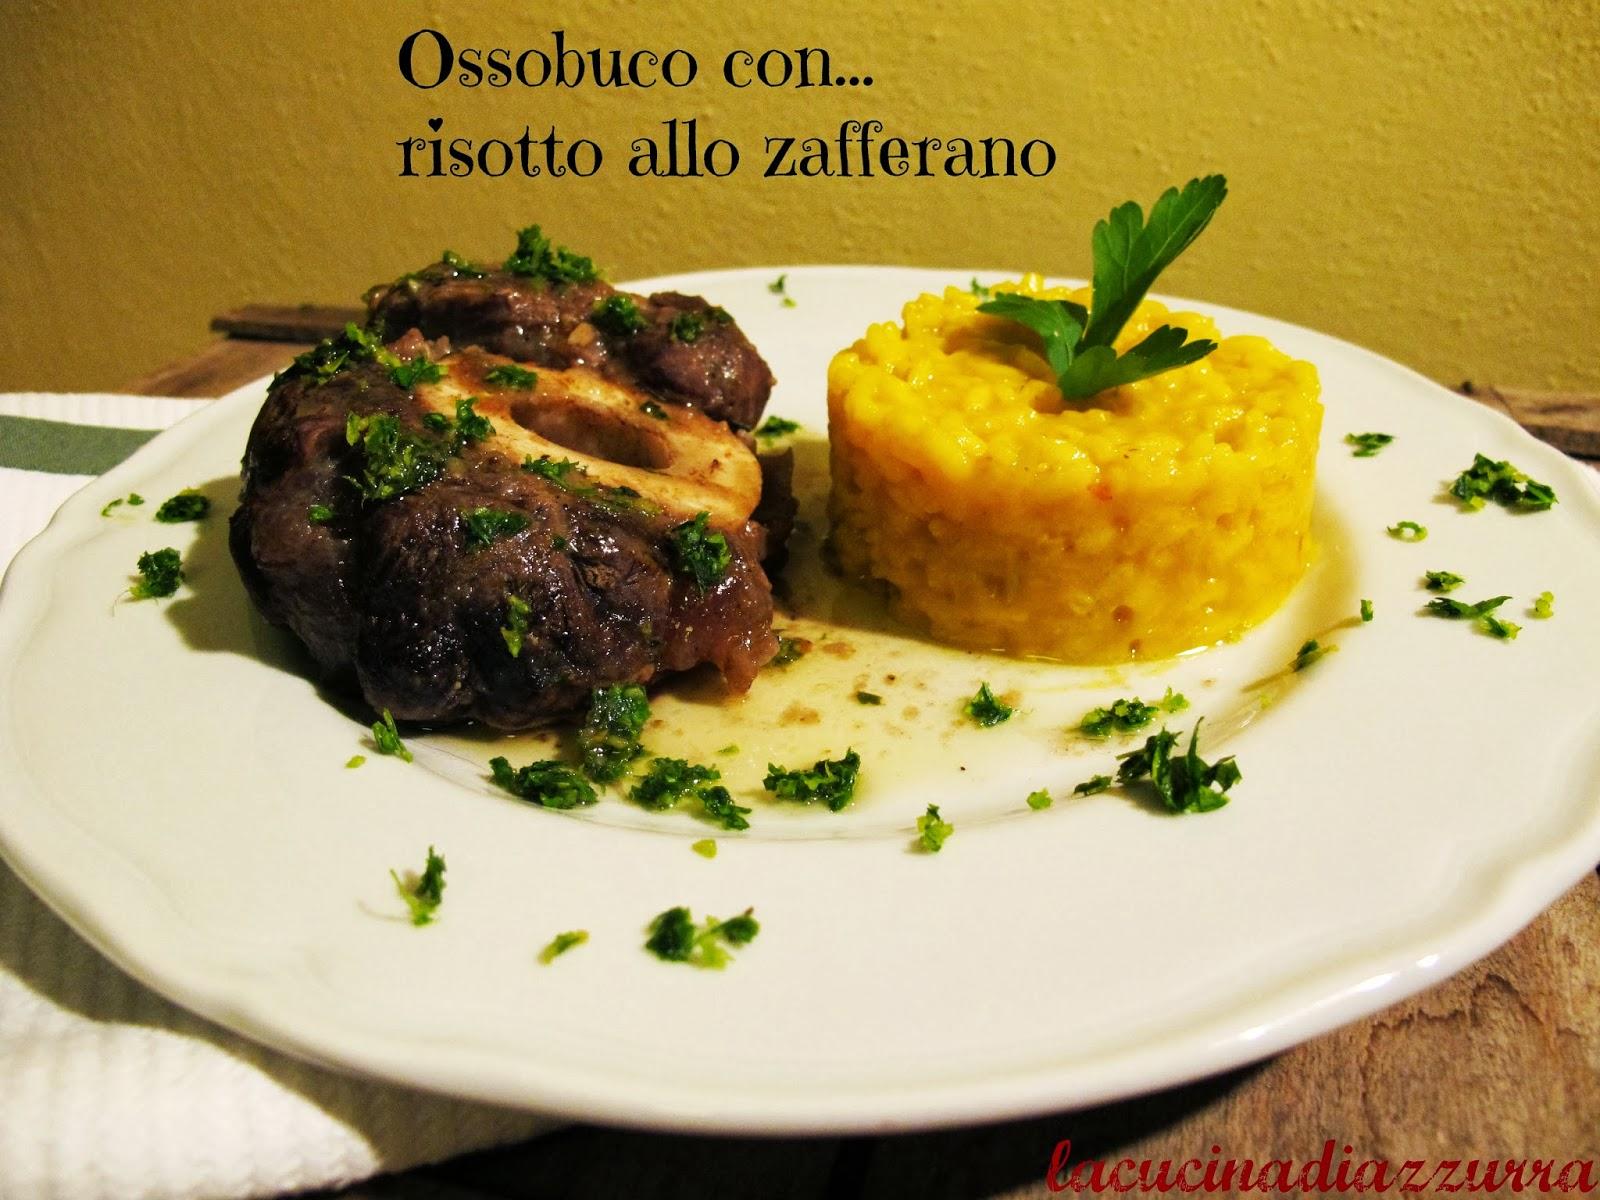 Ossobuco con risotto allo zafferano la cucina milanese for Cucina azzurra